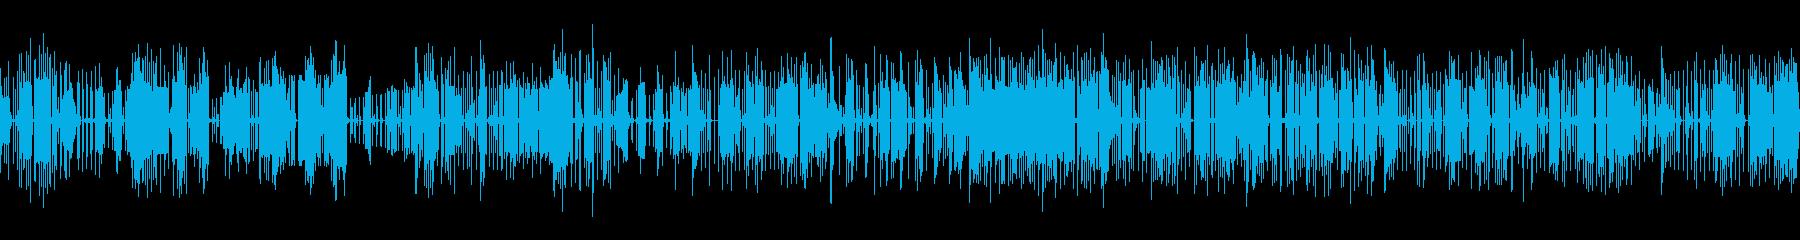 ゲームないで探索している時に流れる音楽の再生済みの波形